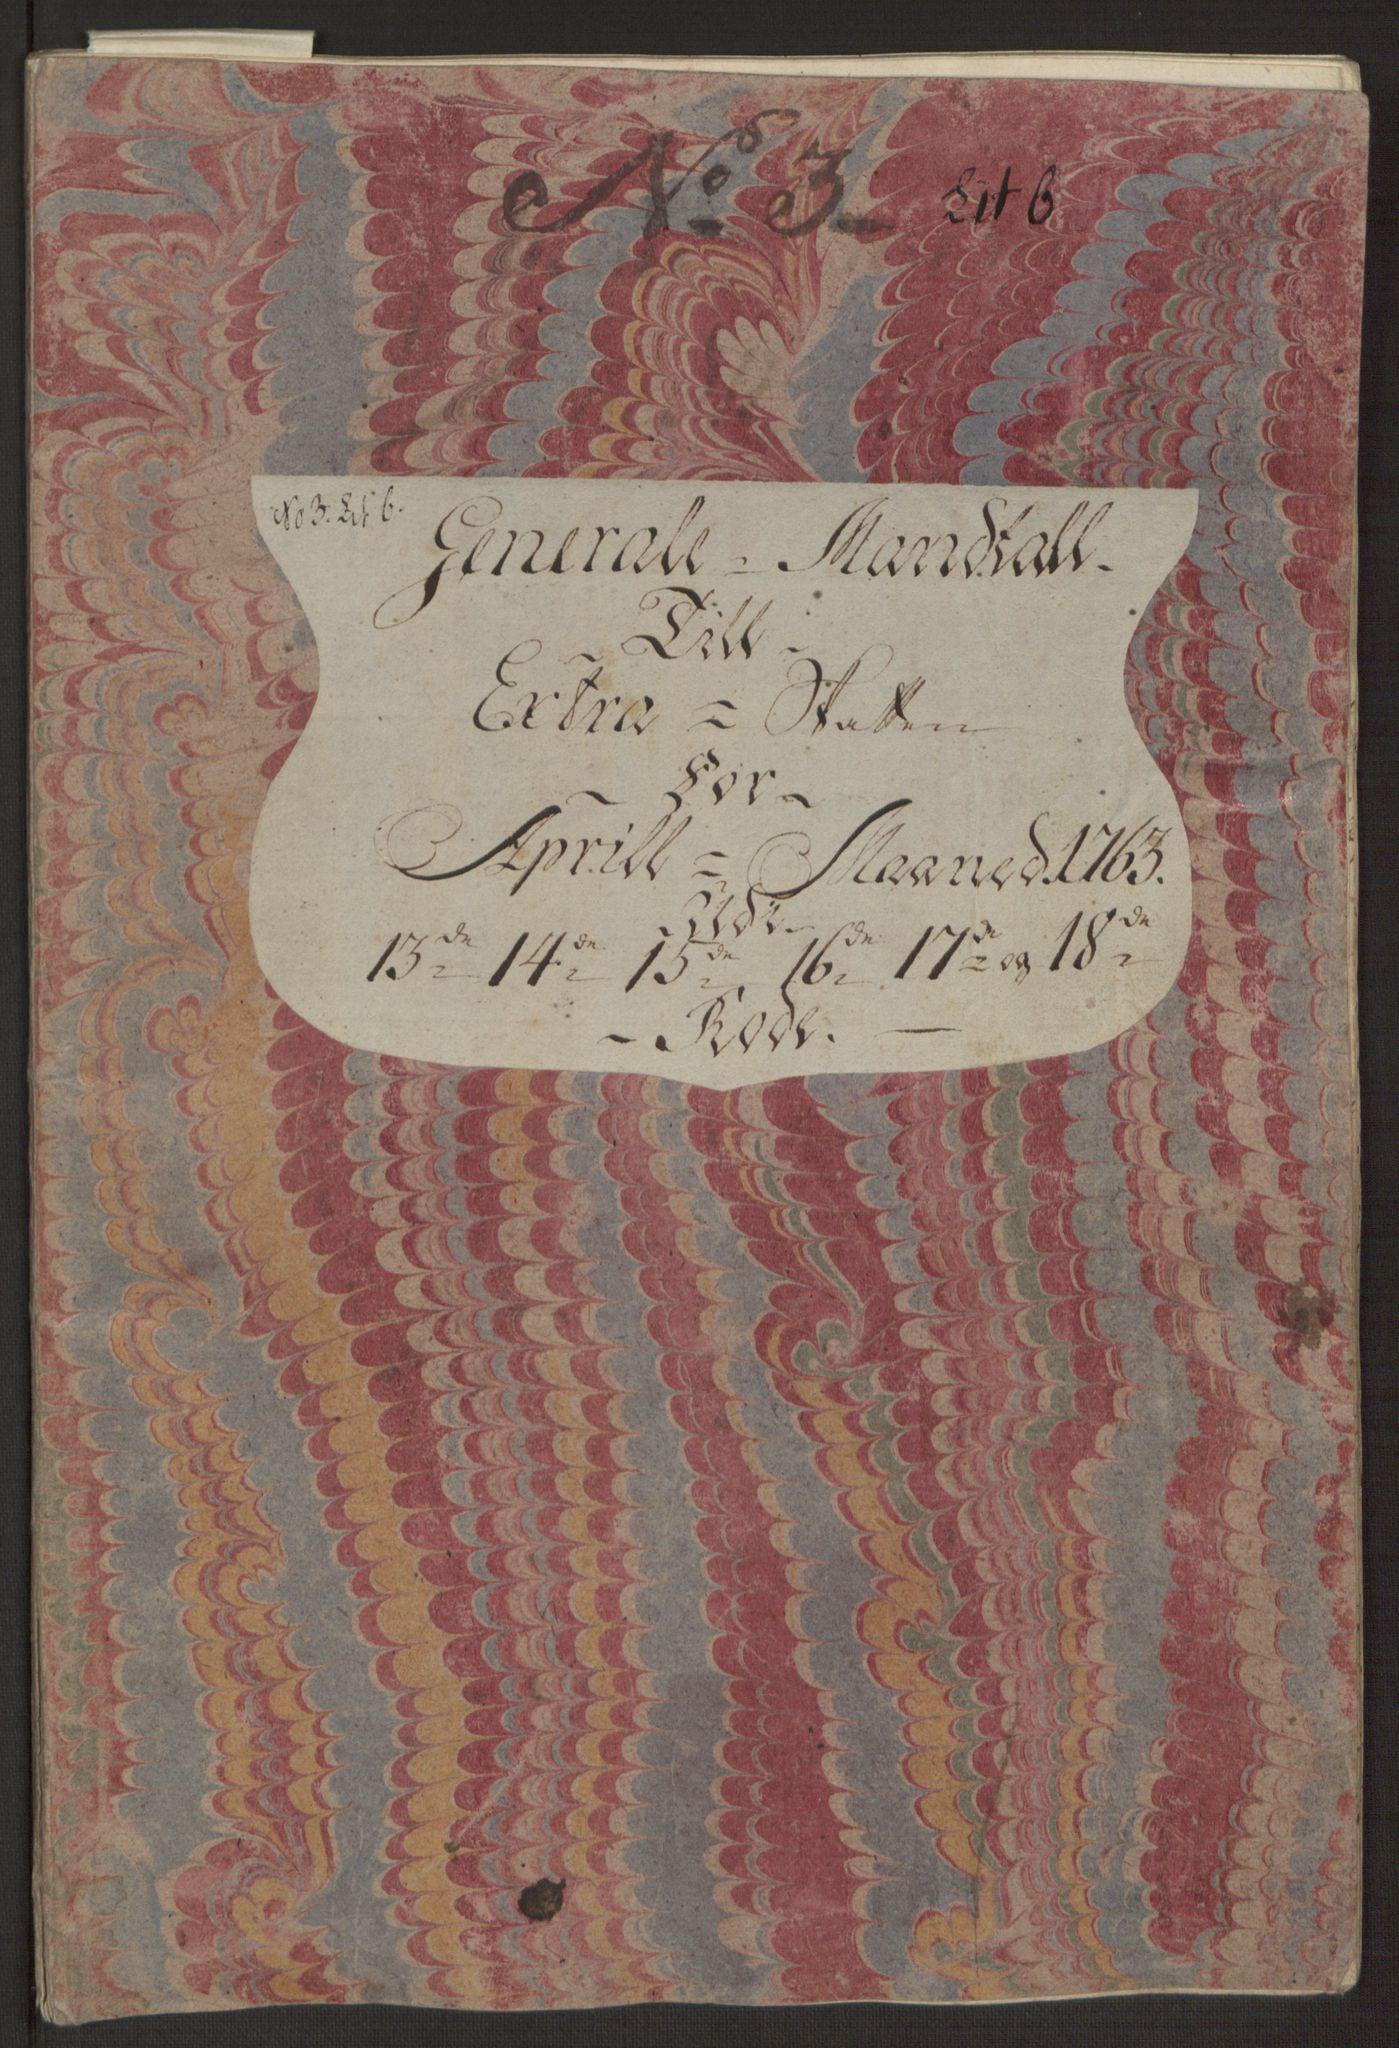 RA, Rentekammeret inntil 1814, Reviderte regnskaper, Byregnskaper, R/Rp/L0366: [P20] Kontribusjonsregnskap, 1763, s. 102